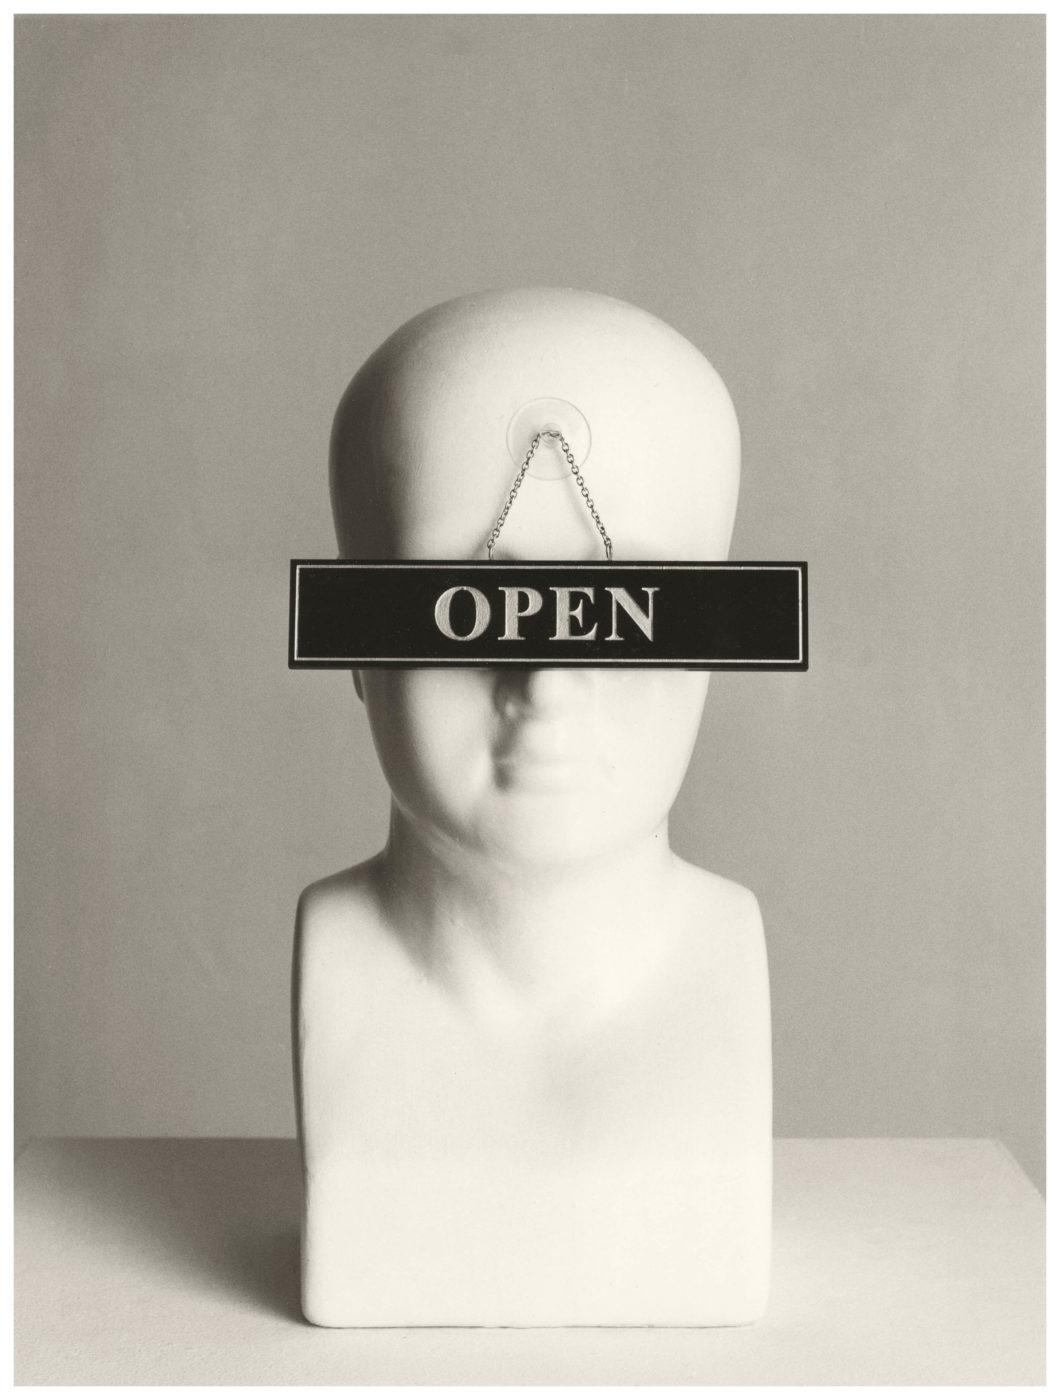 Chema Madoz Sin título, 2016 Fotografía blanco y negro sobre papel baritado, virado al sulfuro Galería Elvira González